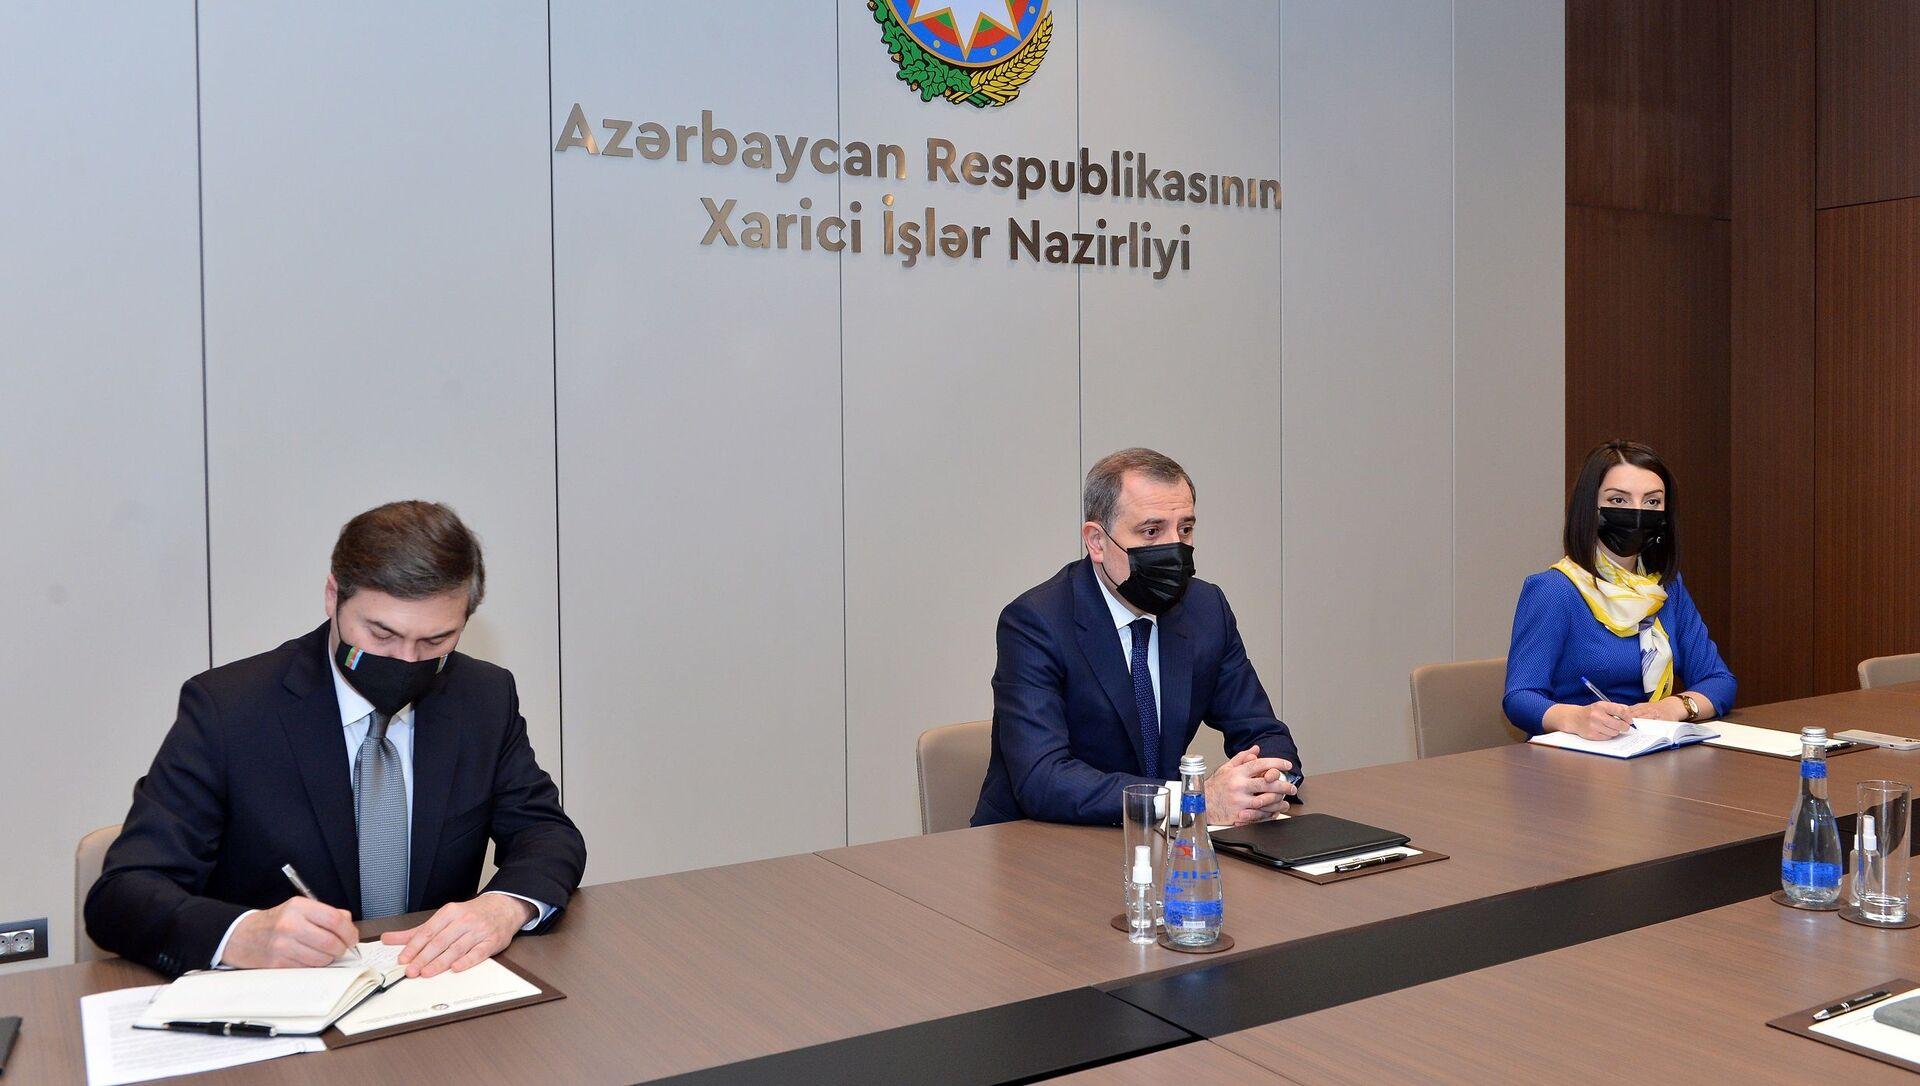 Министр иностранных дел Джейхун Байрамов принял посла Италии в Азербайджане Аугусто Массари - Sputnik Азербайджан, 1920, 03.04.2021